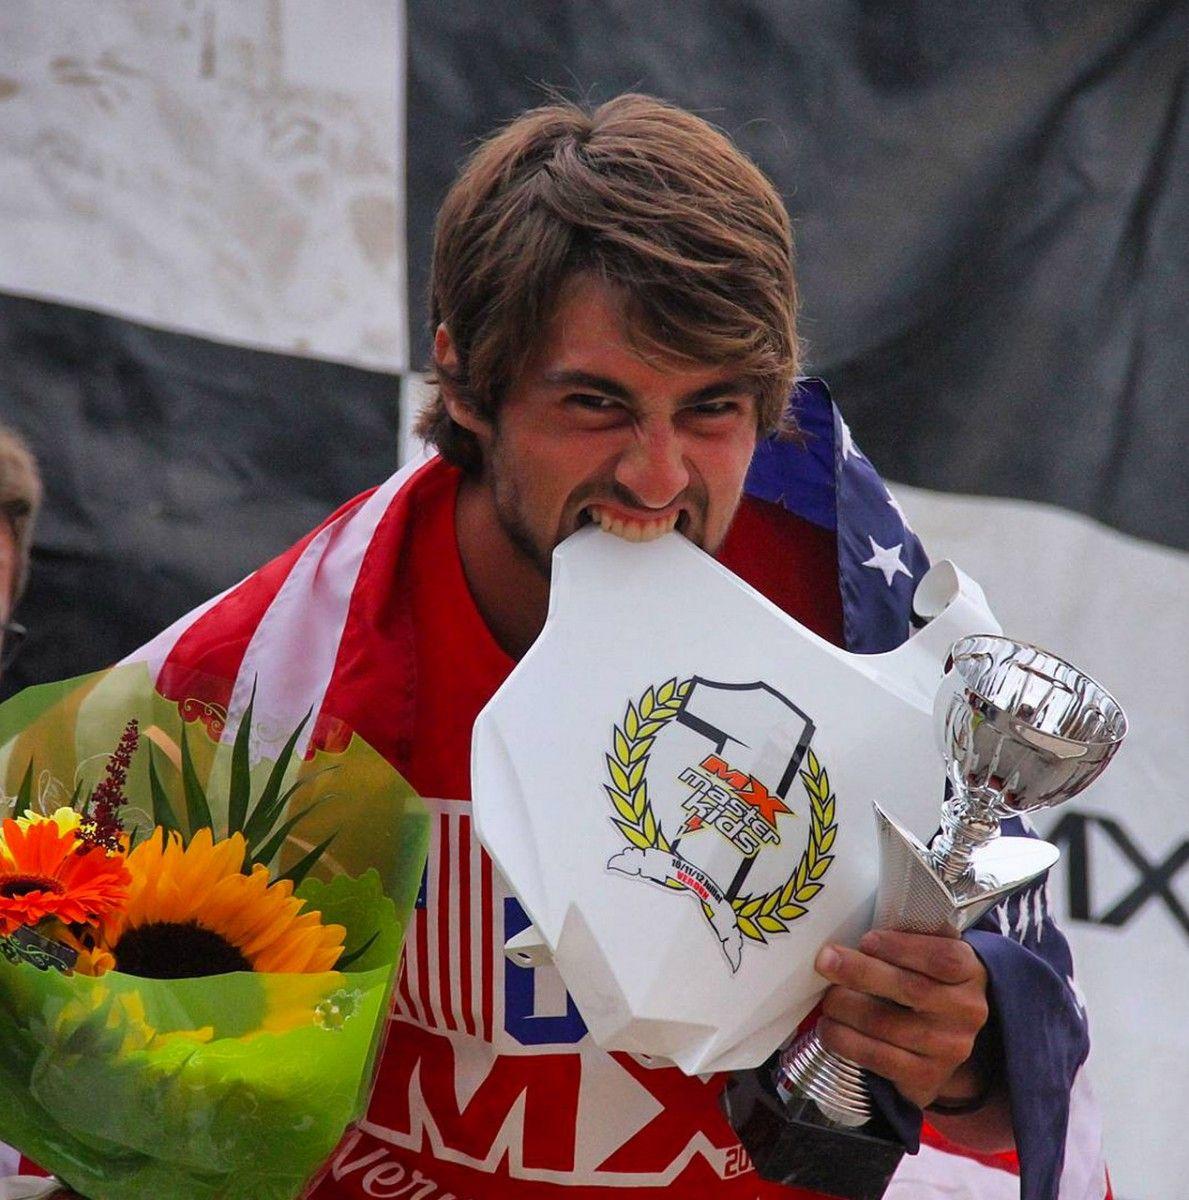 Andy kost Vurb moto MX Master Kids